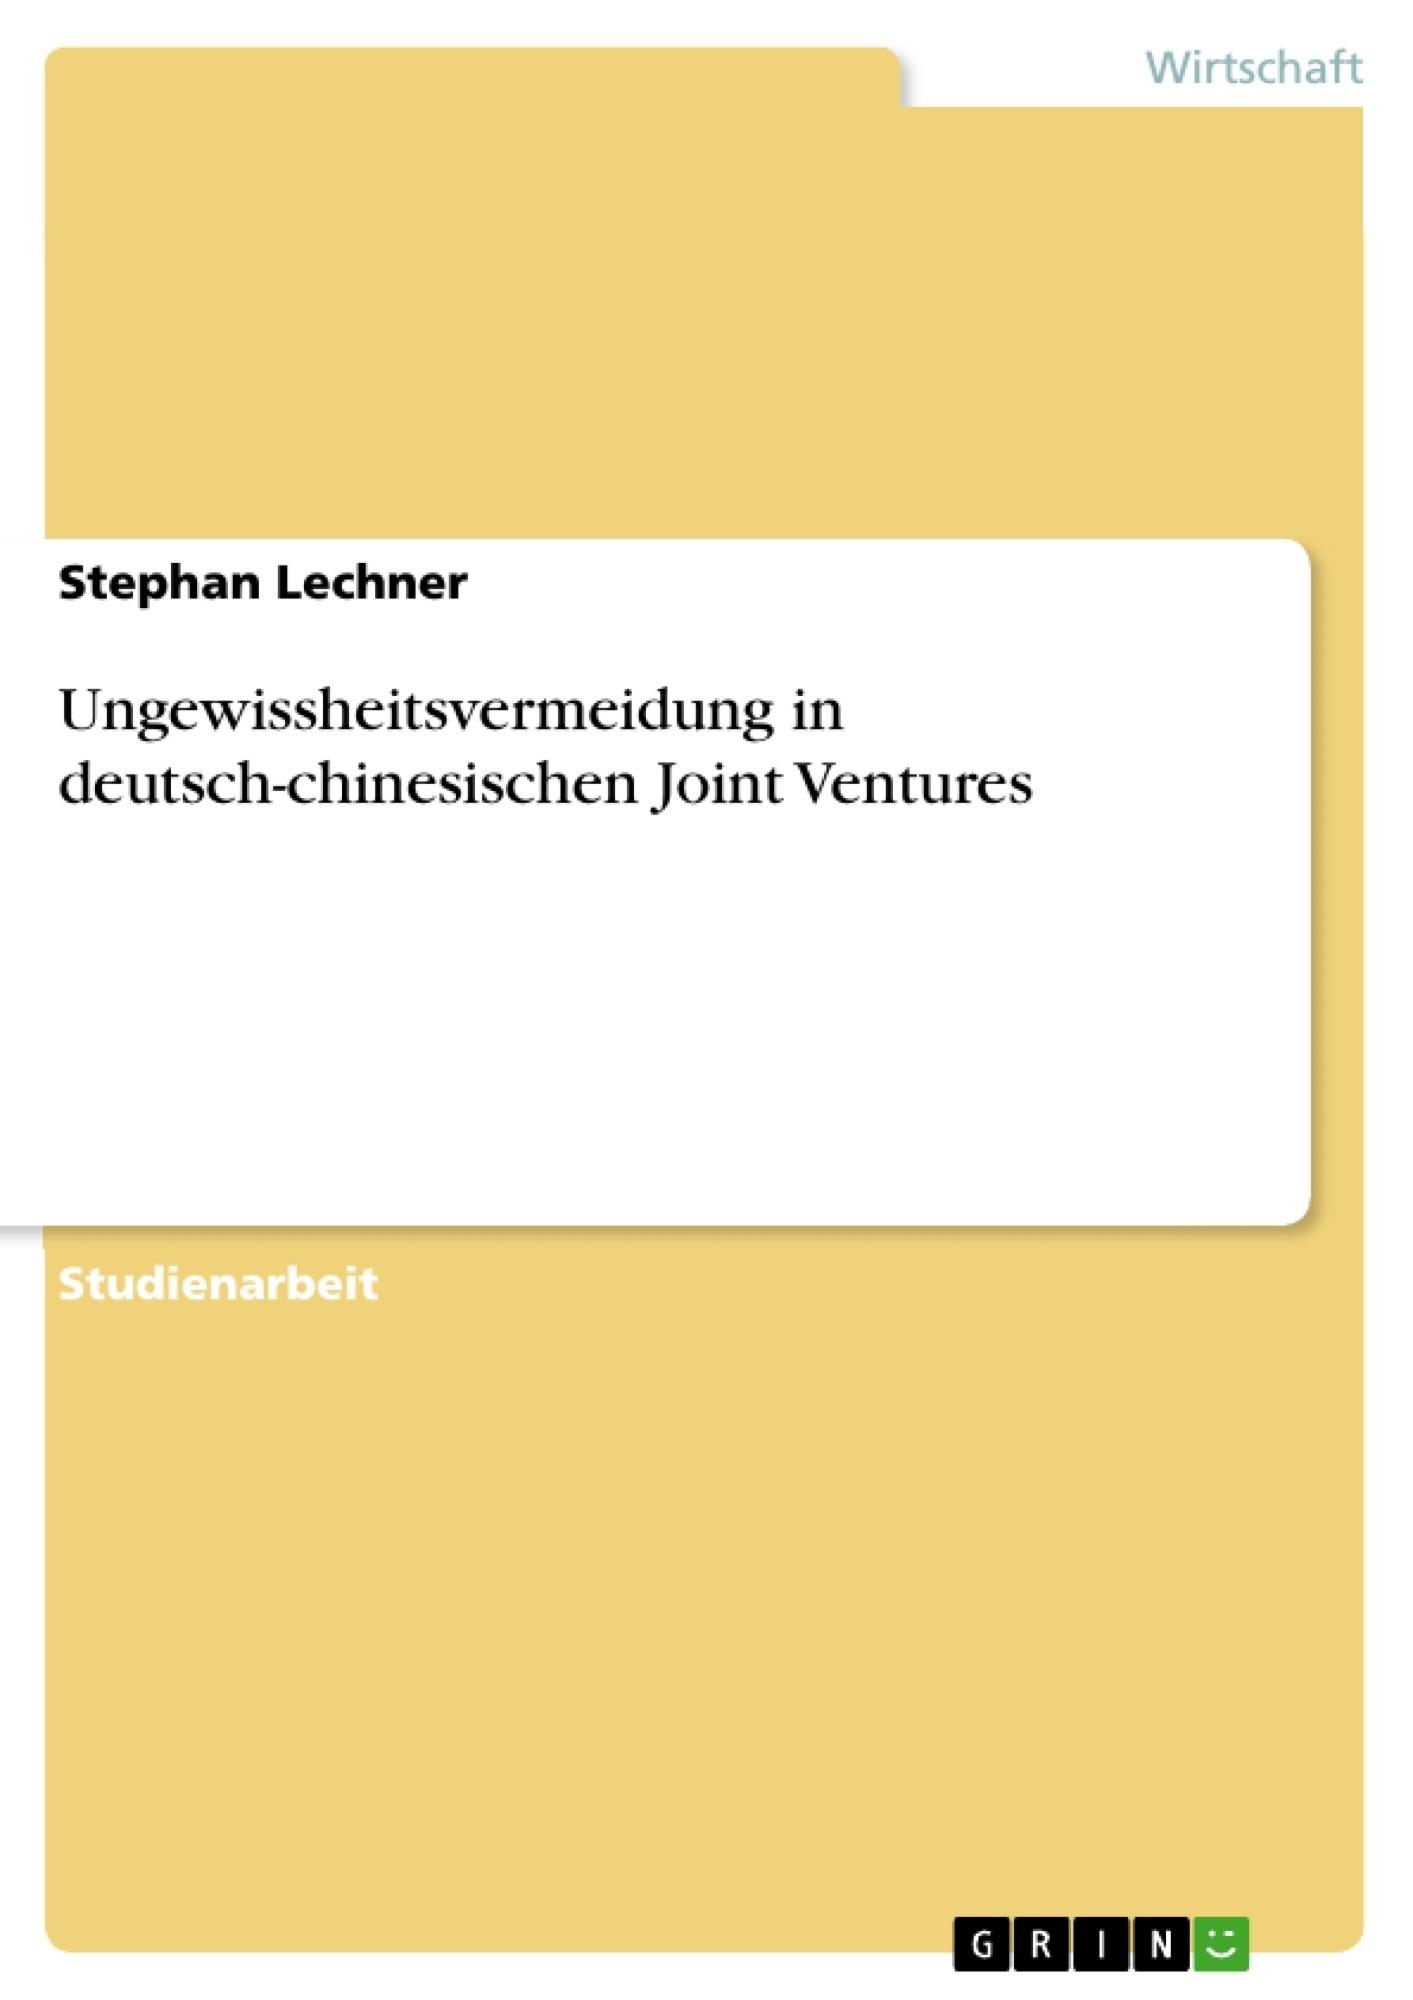 Titel: Ungewissheitsvermeidung in deutsch-chinesischen Joint Ventures